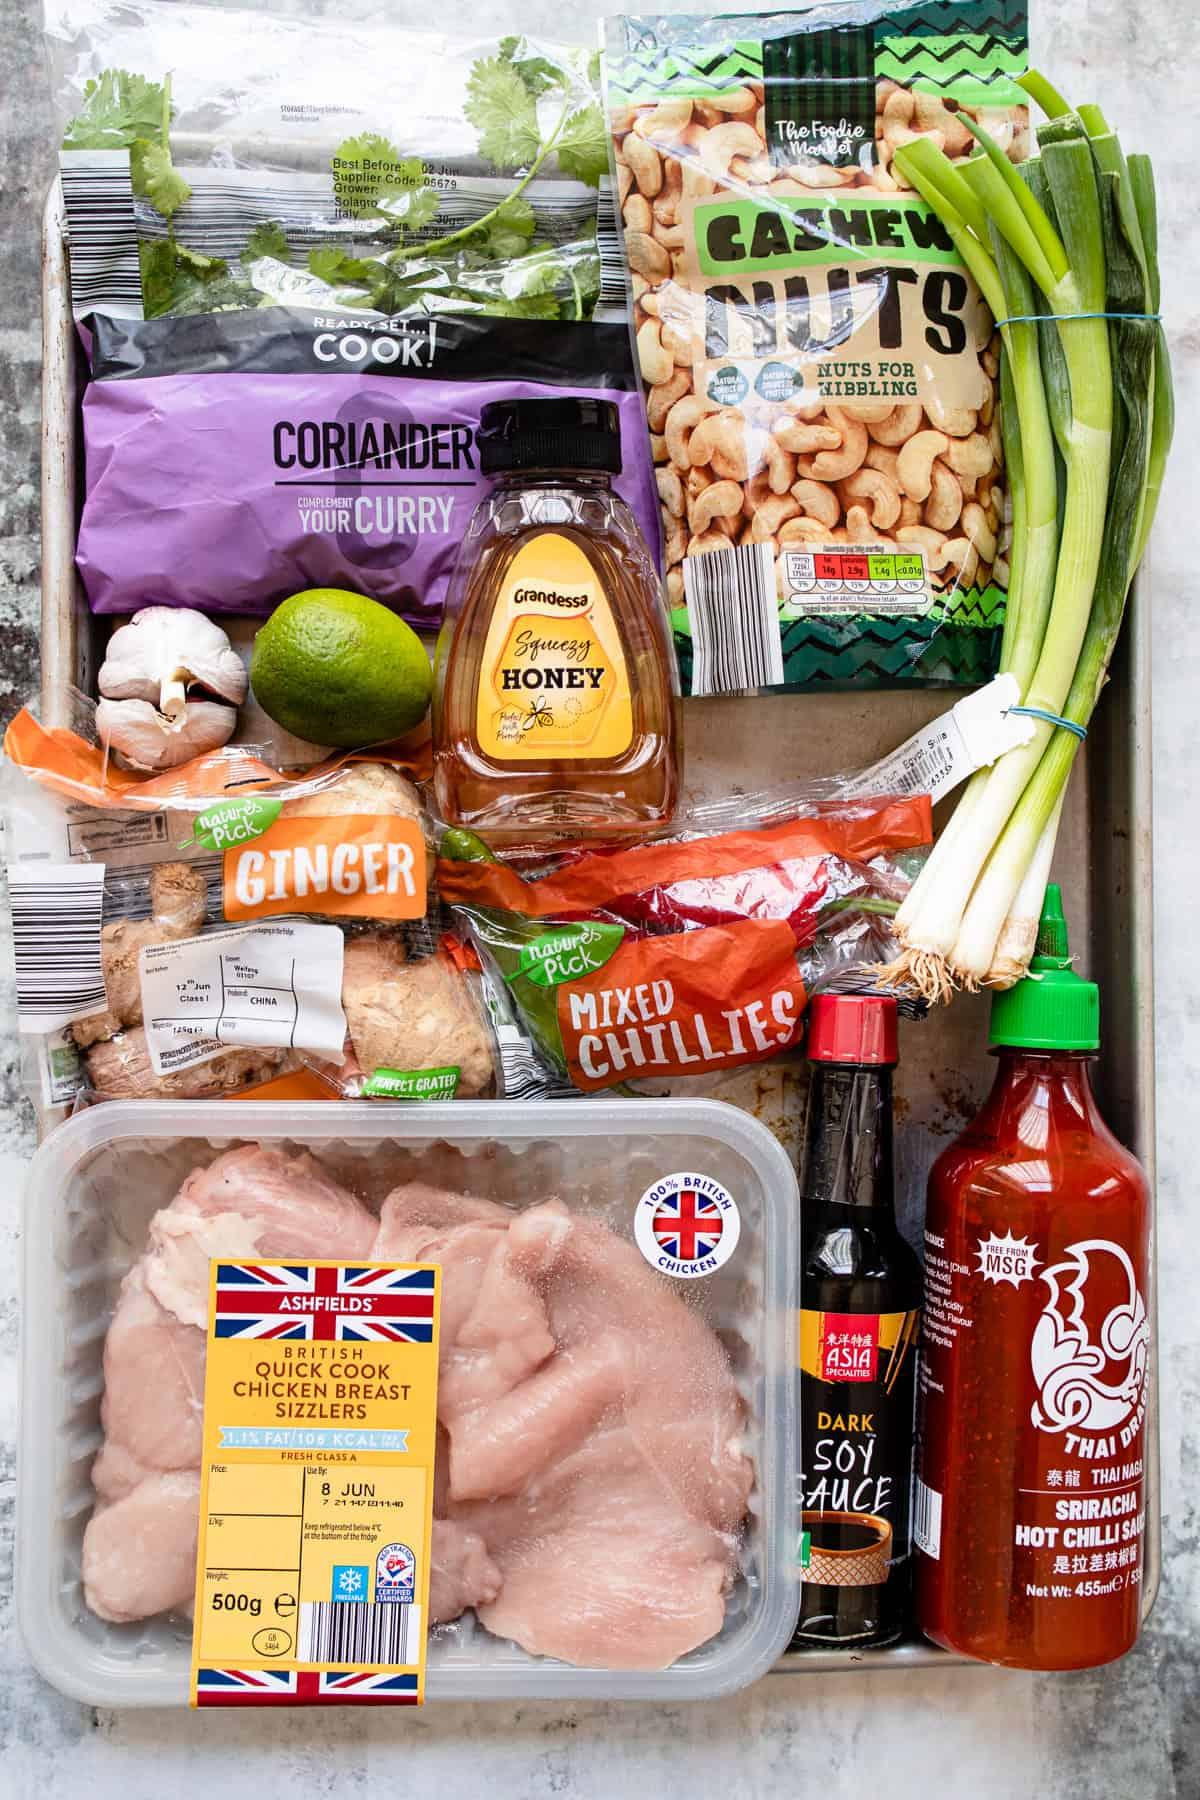 Aldi ingredients for crispy chilli chicken